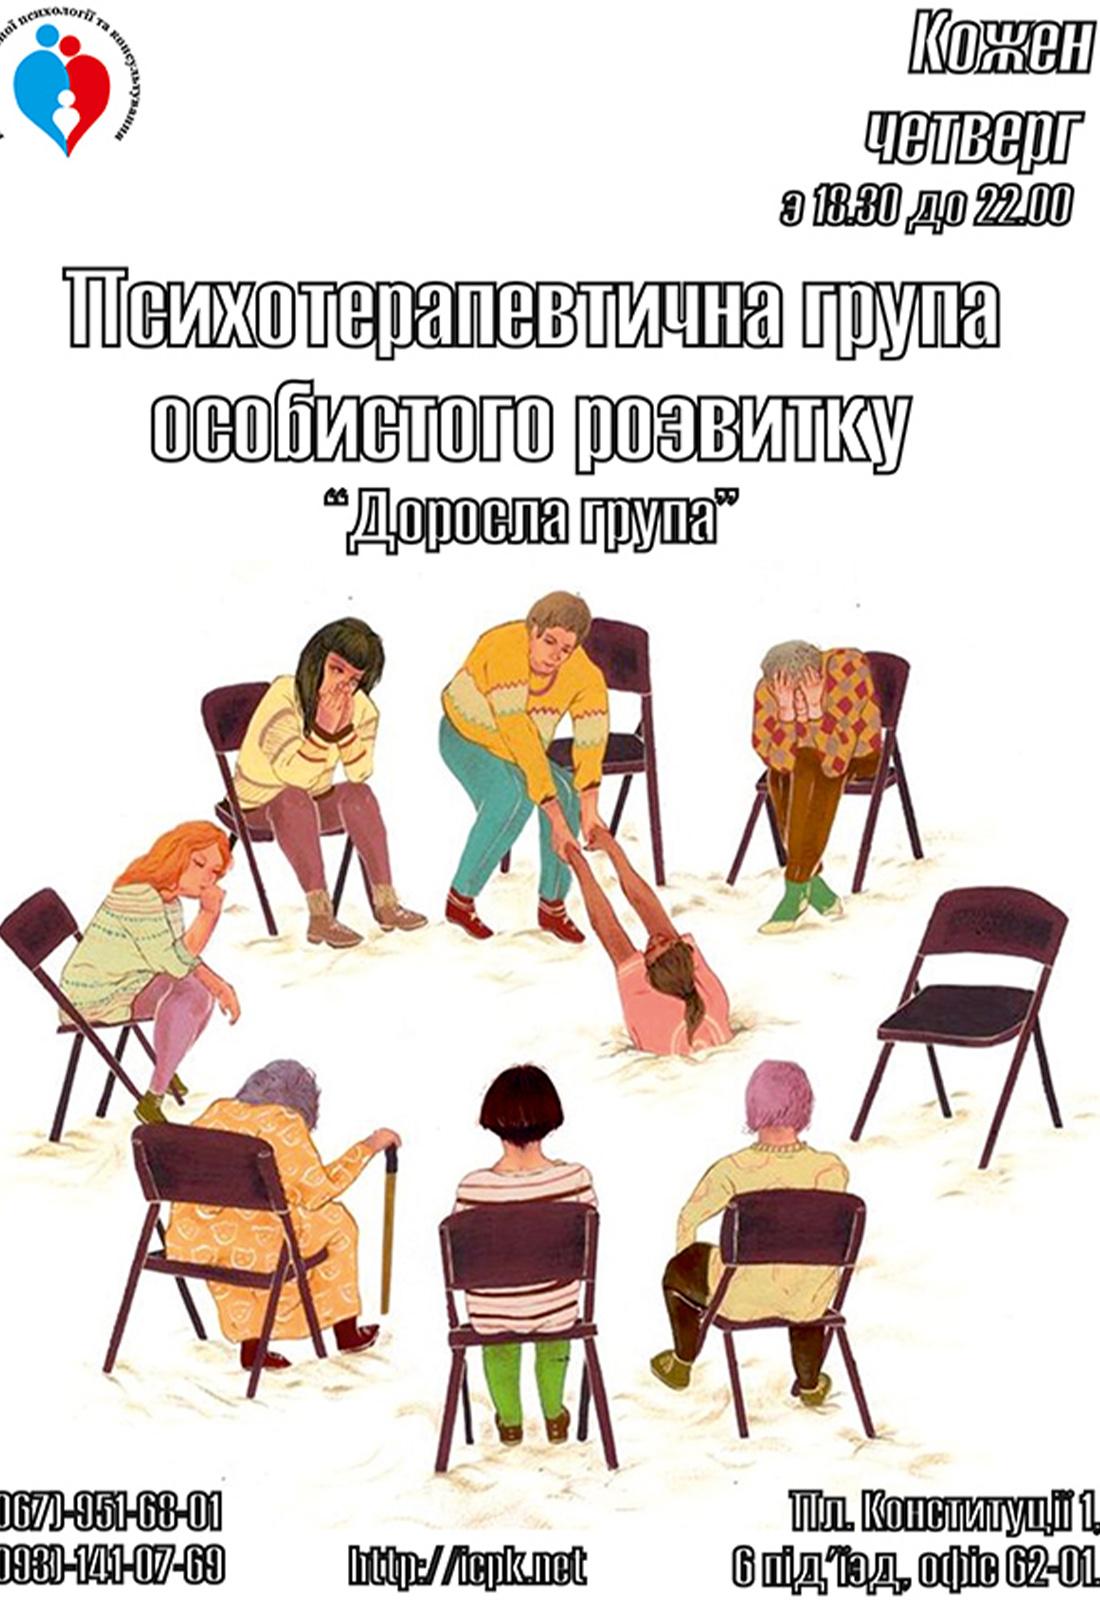 Психотерапевтична група особистого розвитку